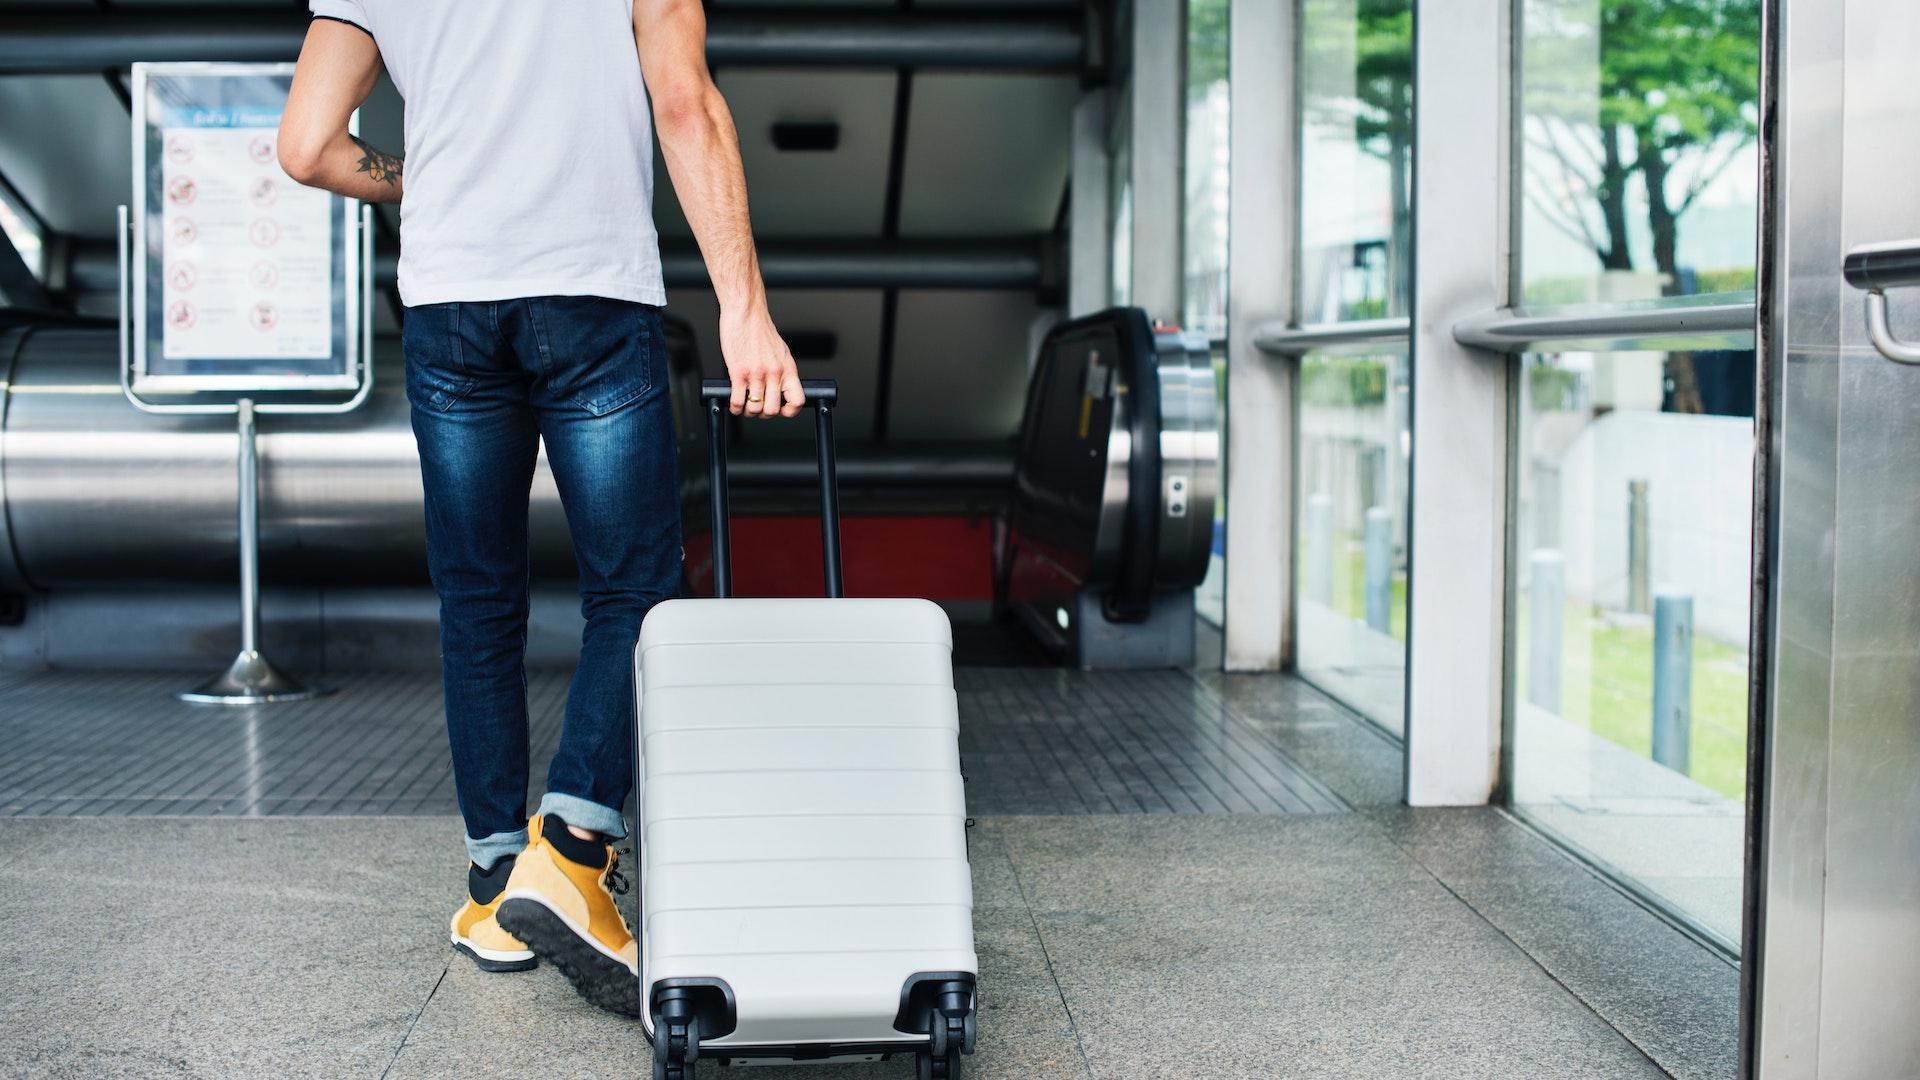 Estas son las aerolíneas más probables de perder equipaje